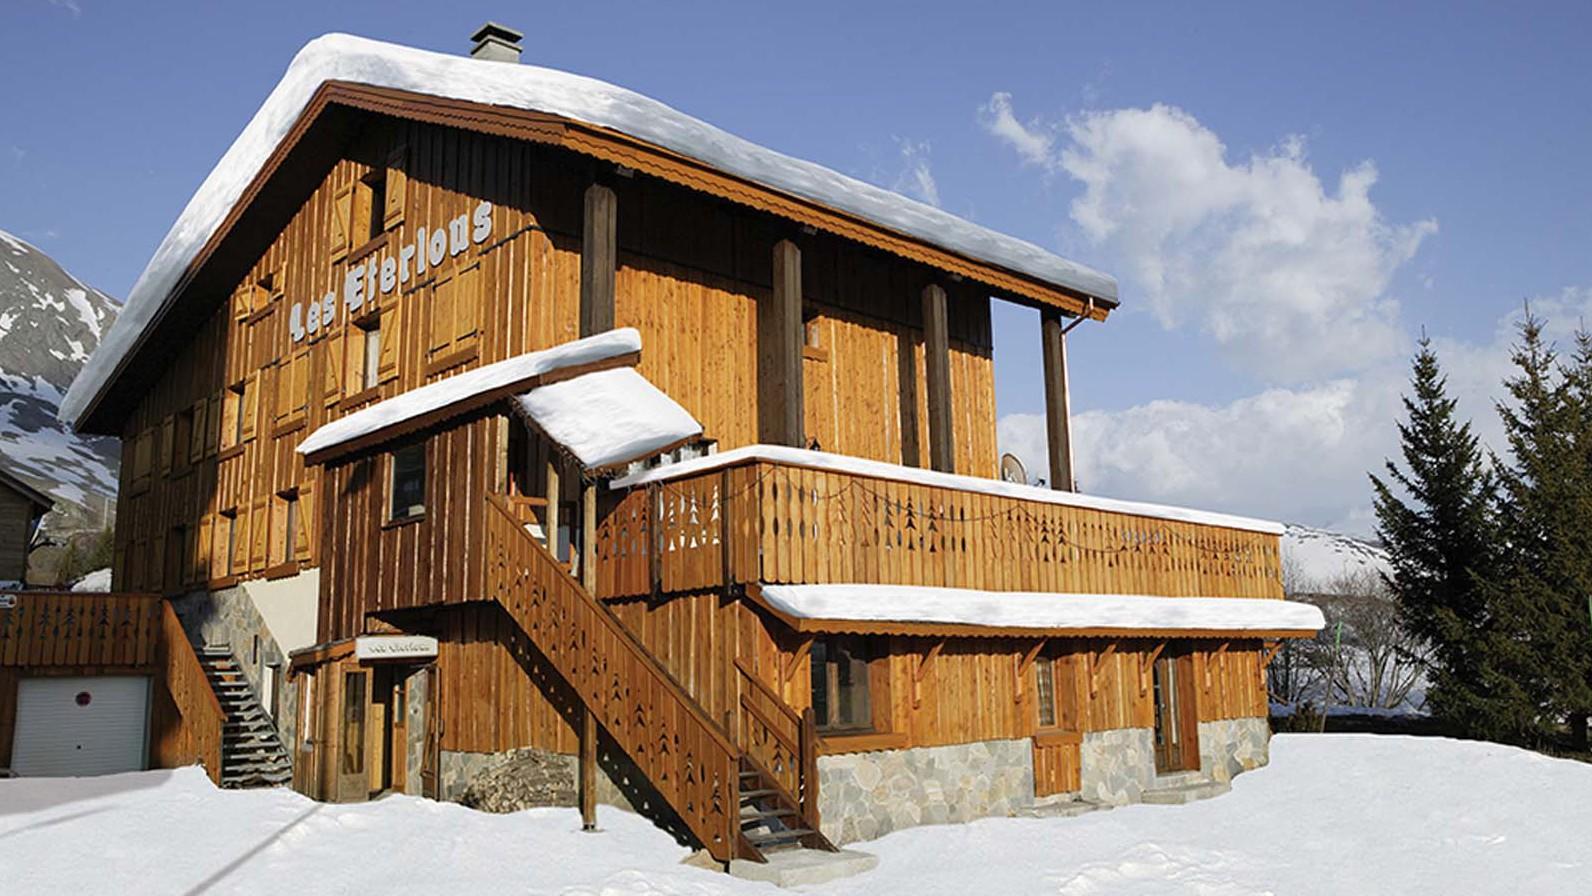 Chalet Les Eterlous Exterior, Alpe D'Huez